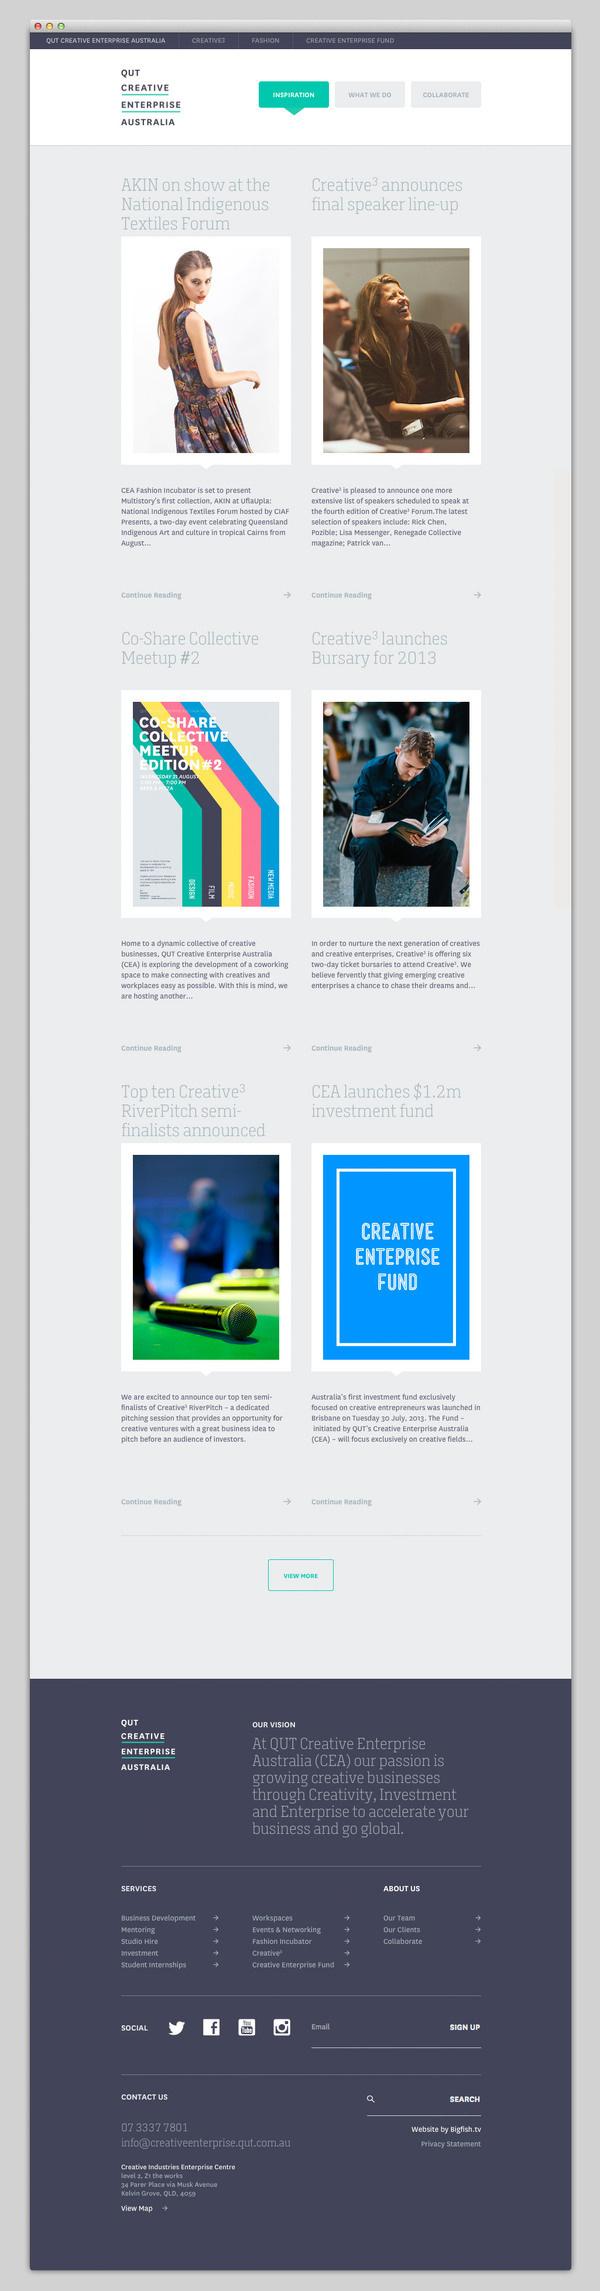 Creative Enterprise Australia #website #layout #design #web